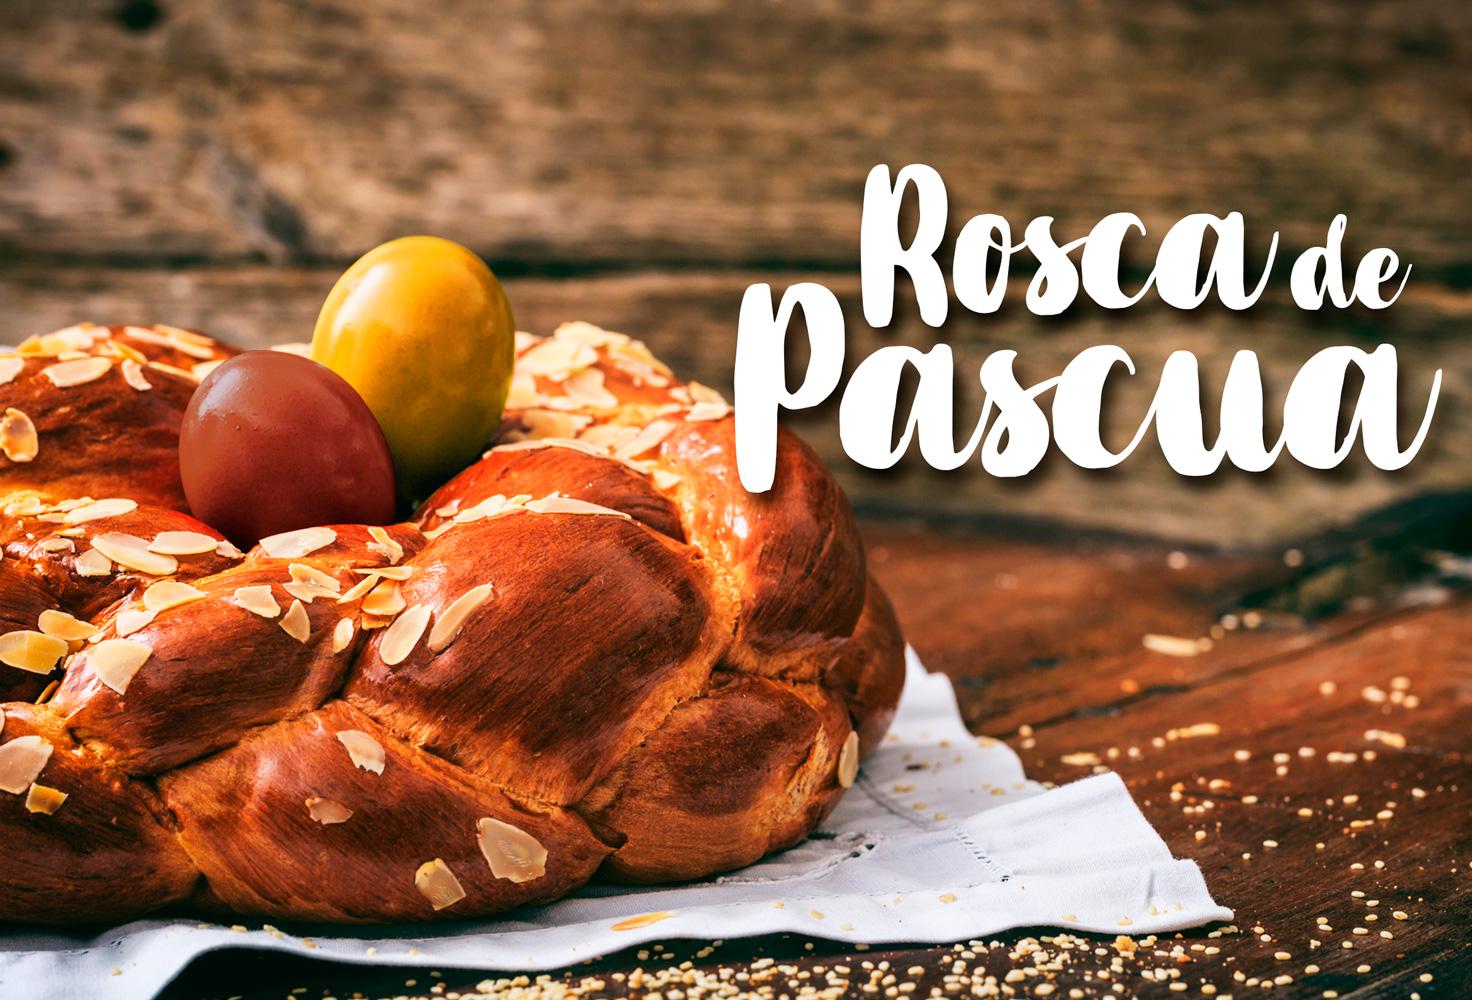 Roscas de Pascua